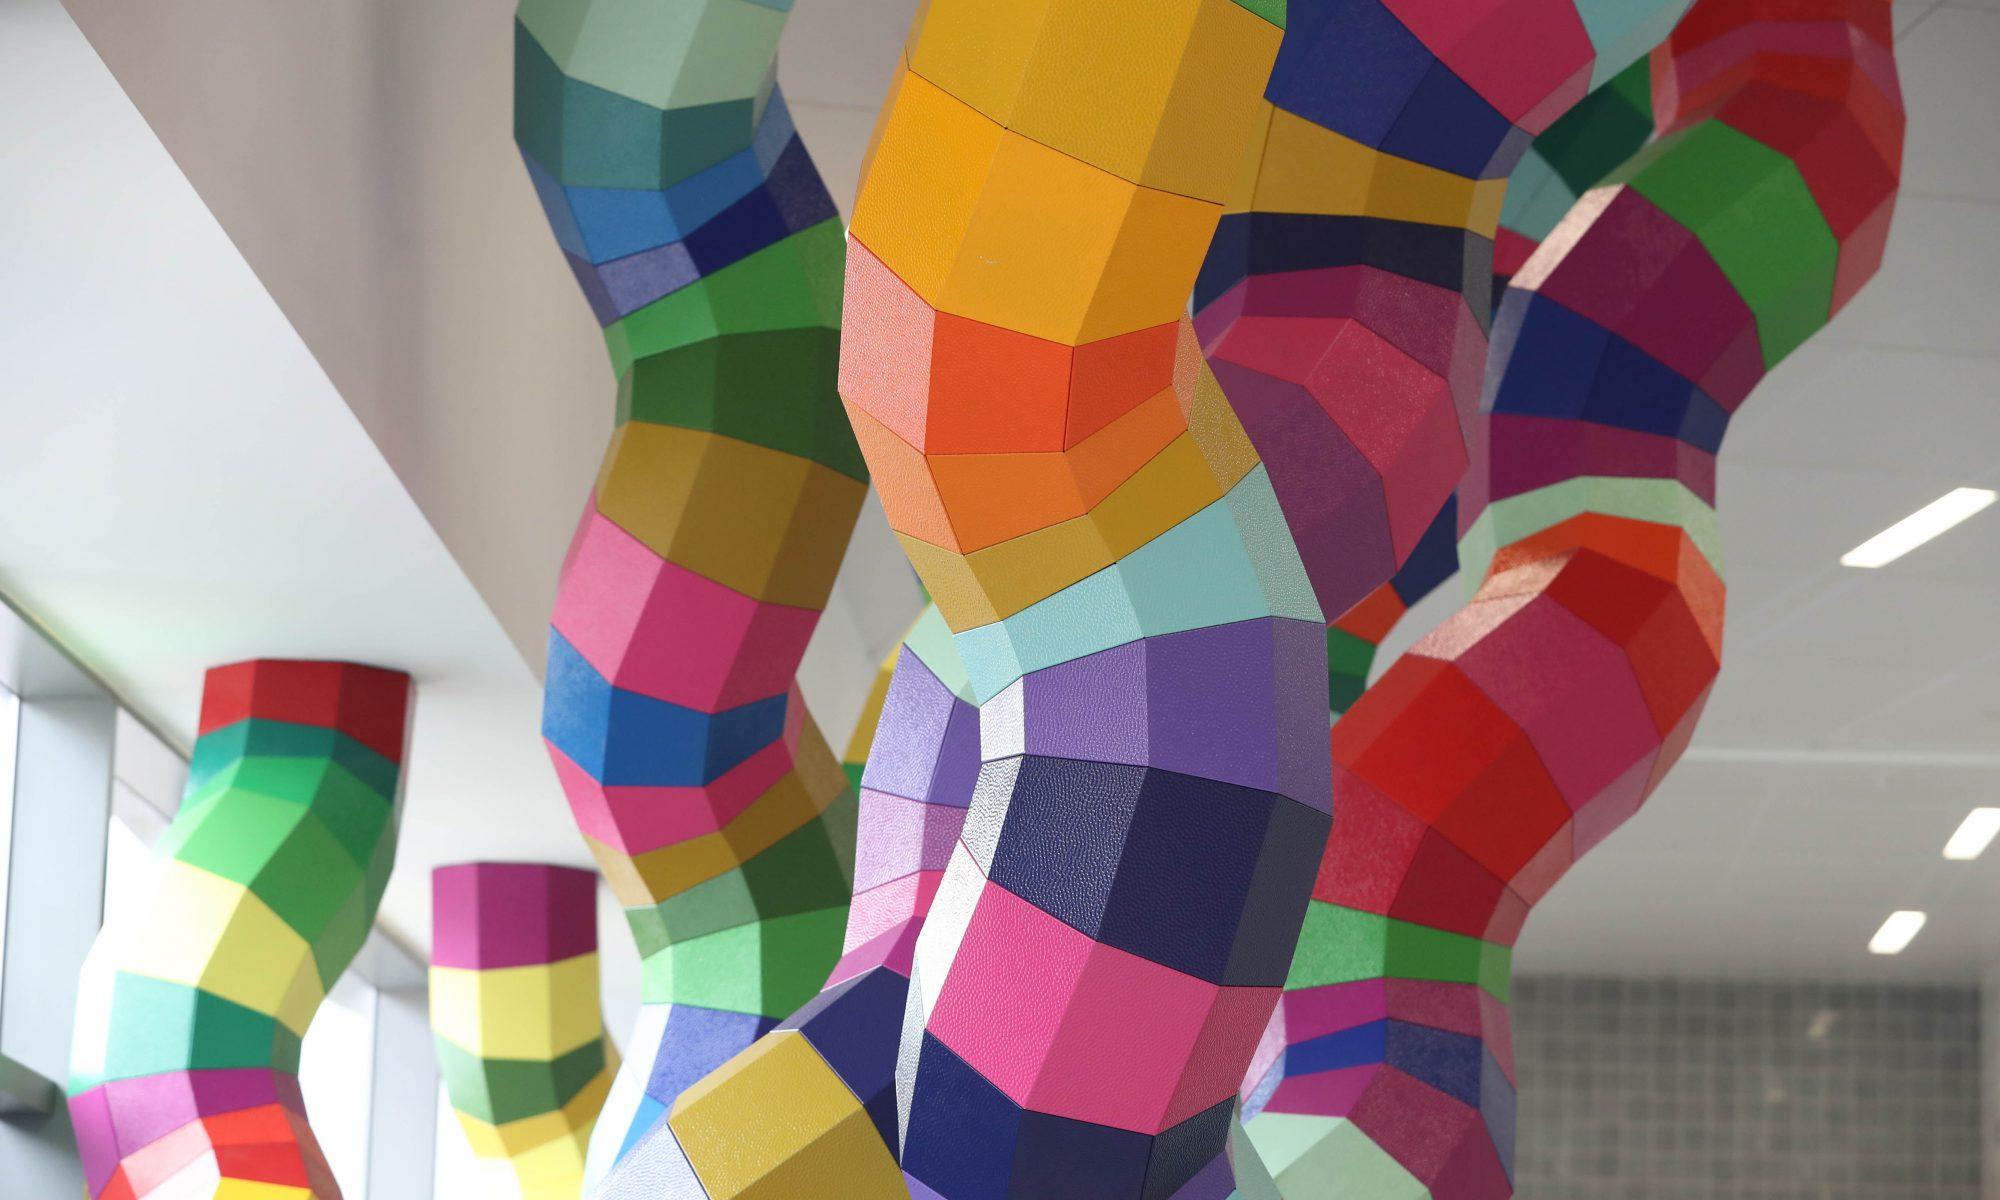 GUT FLORA - A Public Art Sculpture